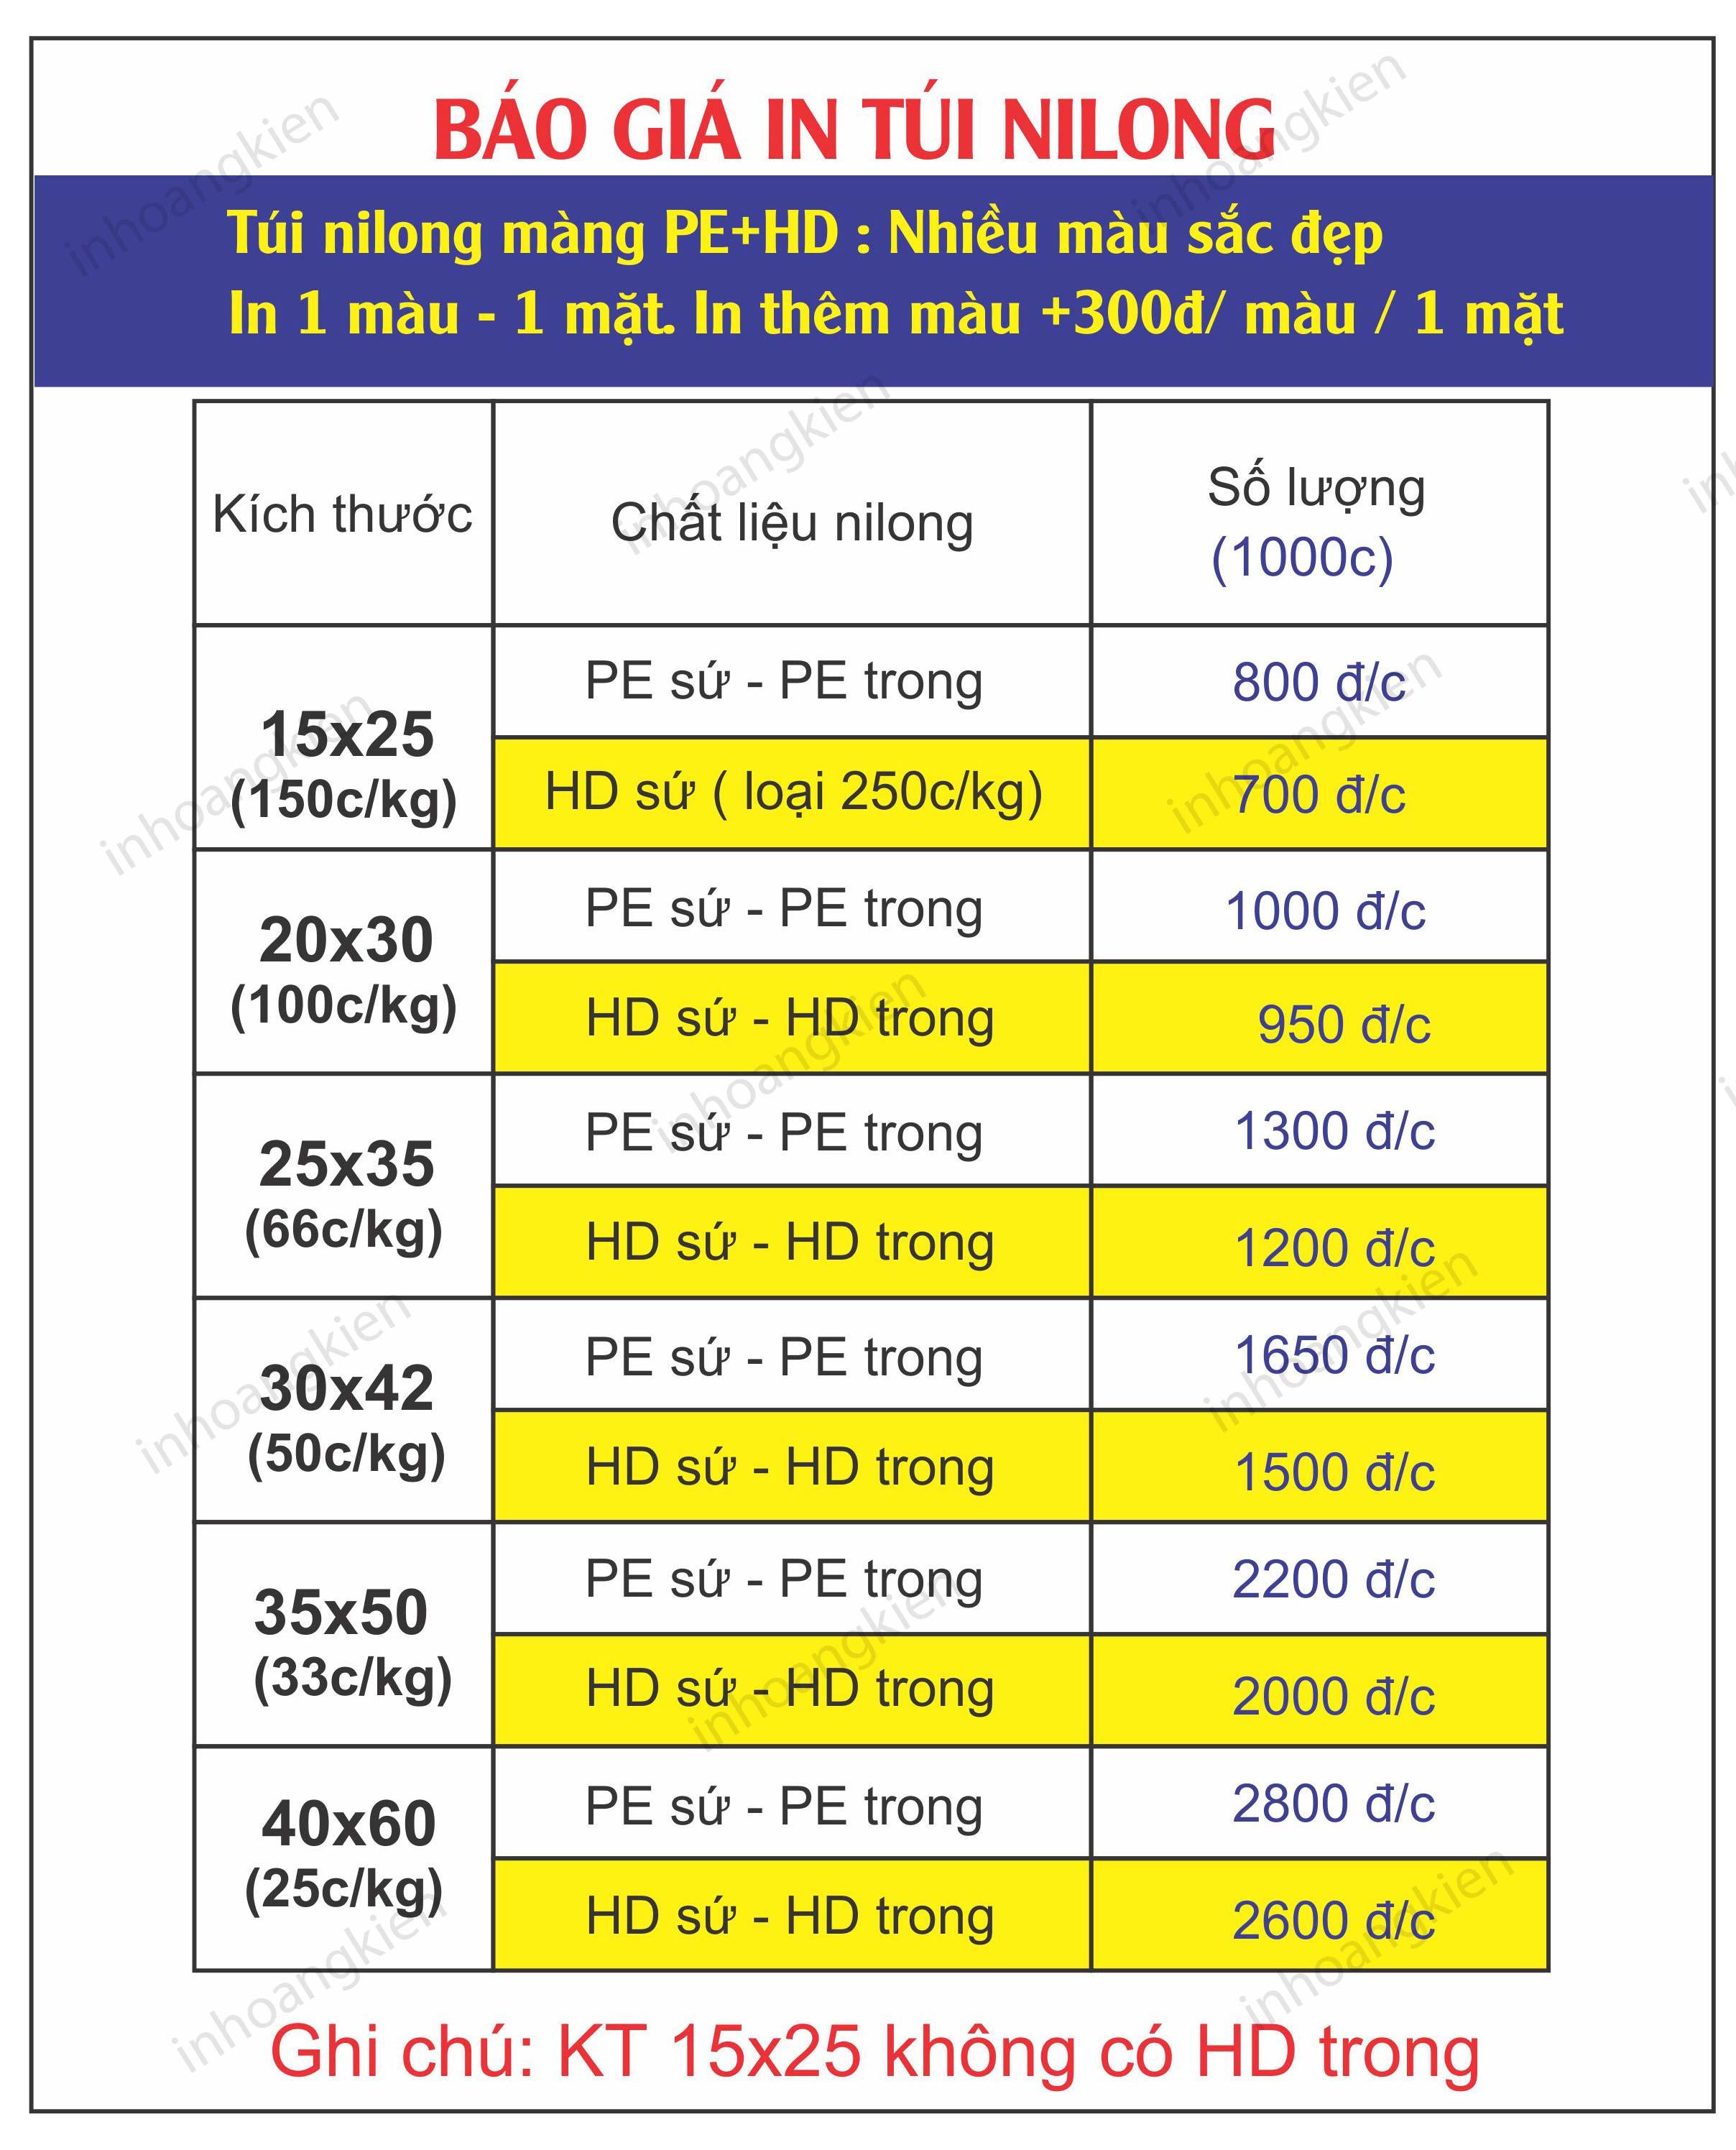 báo giá in túi nilong